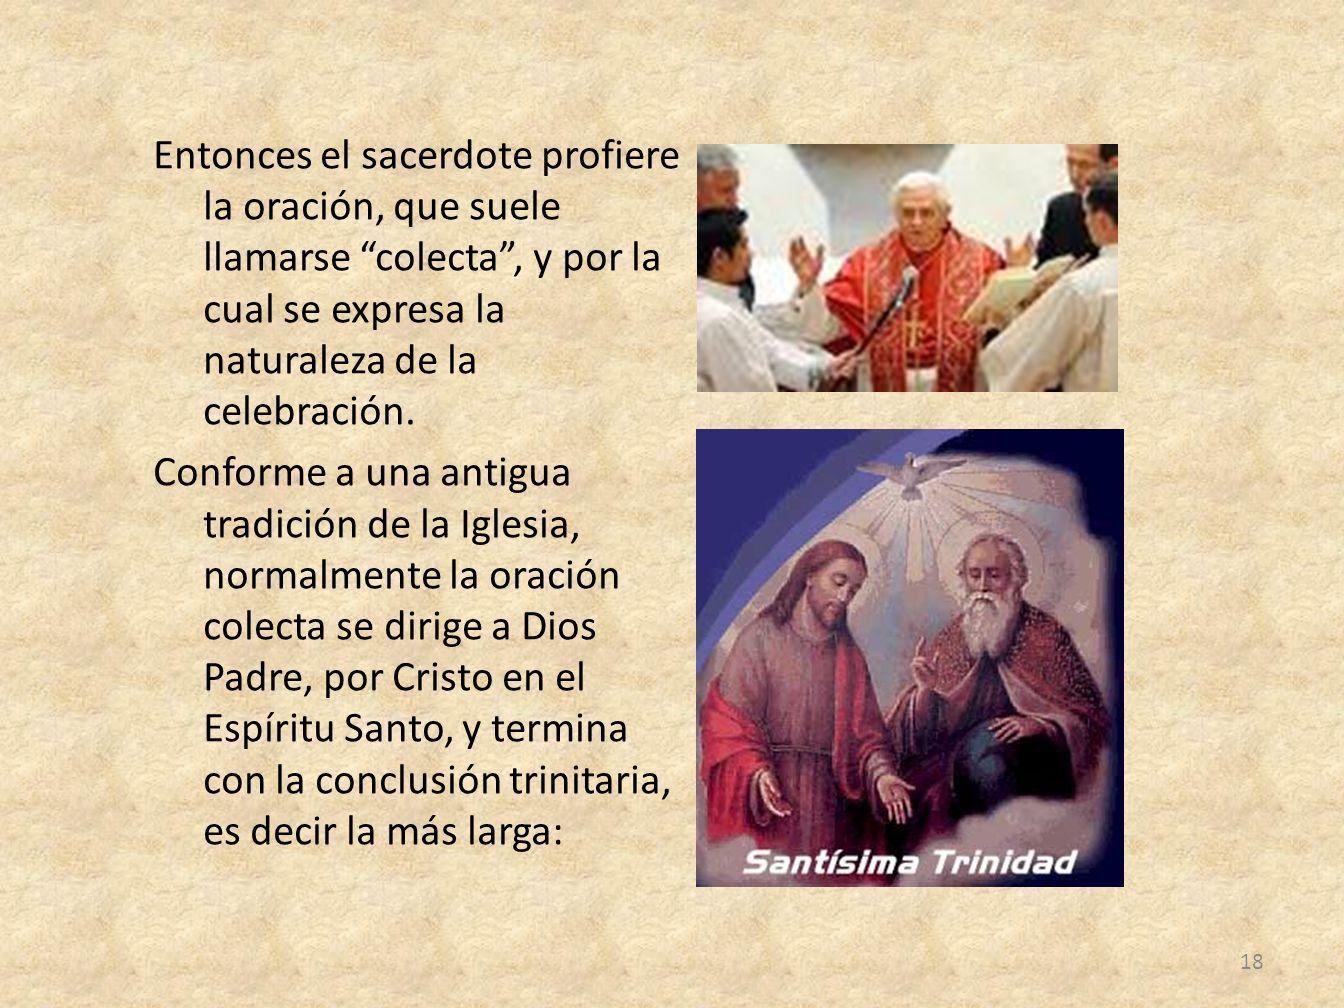 Entonces el sacerdote profiere la oración, que suele llamarse colecta , y por la cual se expresa la naturaleza de la celebración.